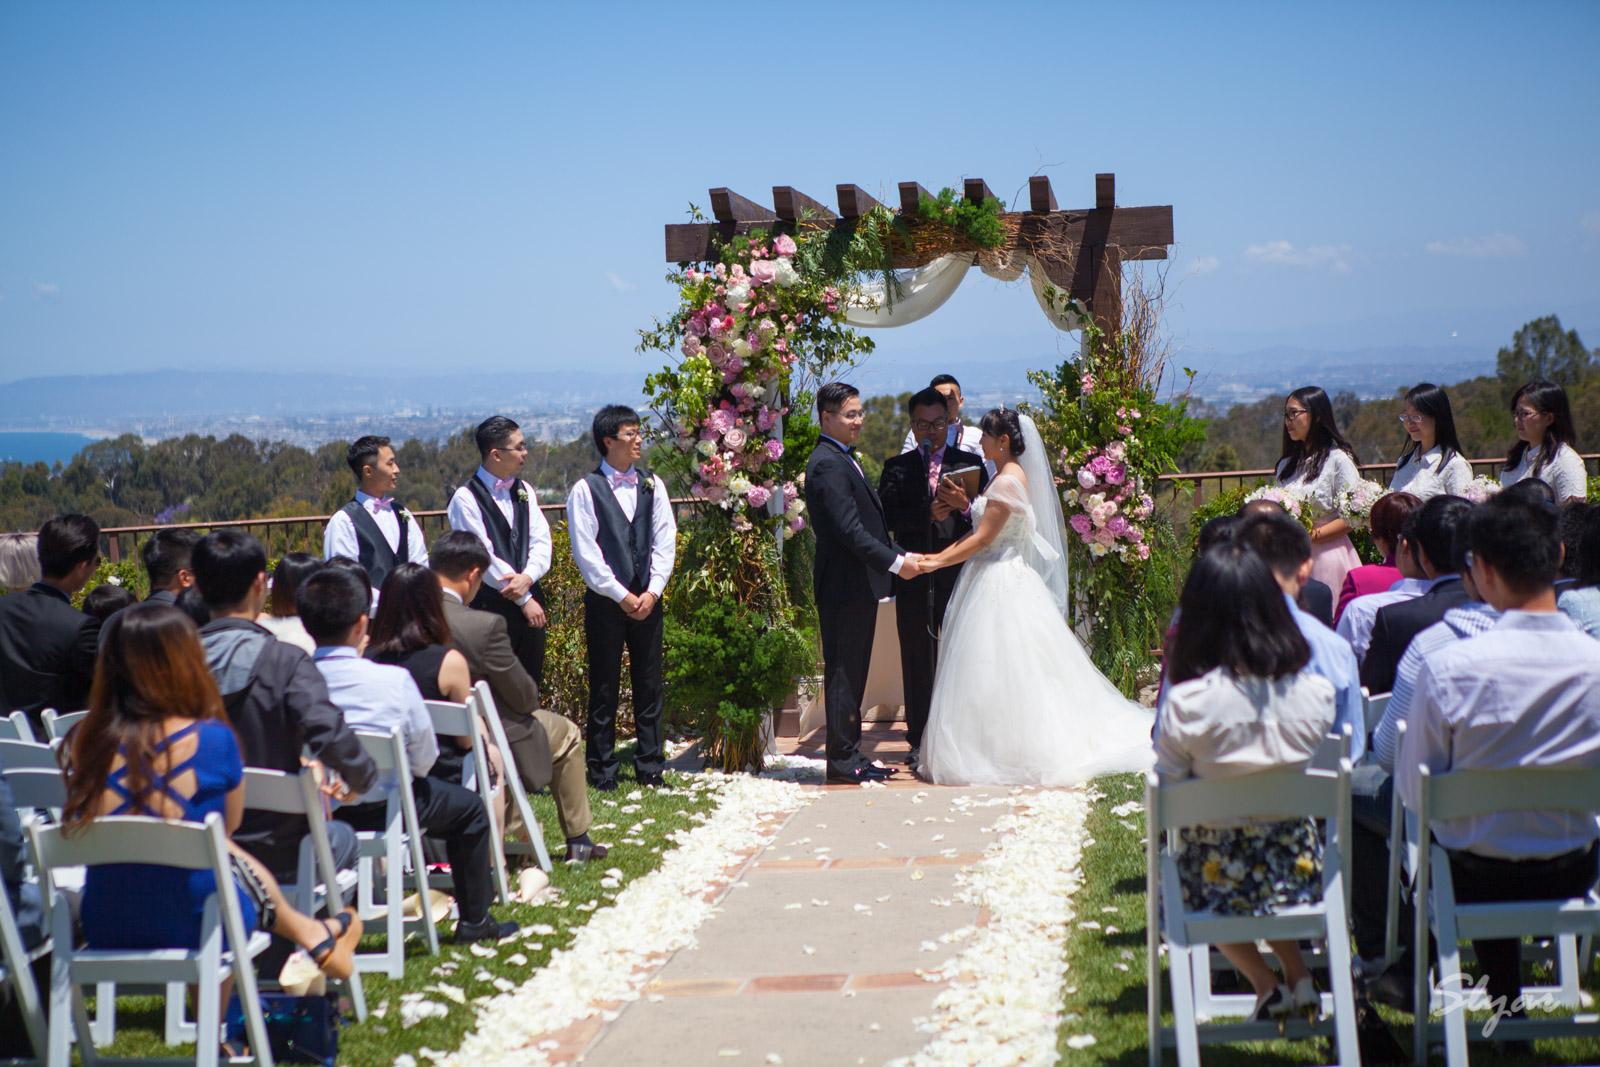 S嫂的洛杉矶婚礼攻略 - 如何在美国举办一场婚礼